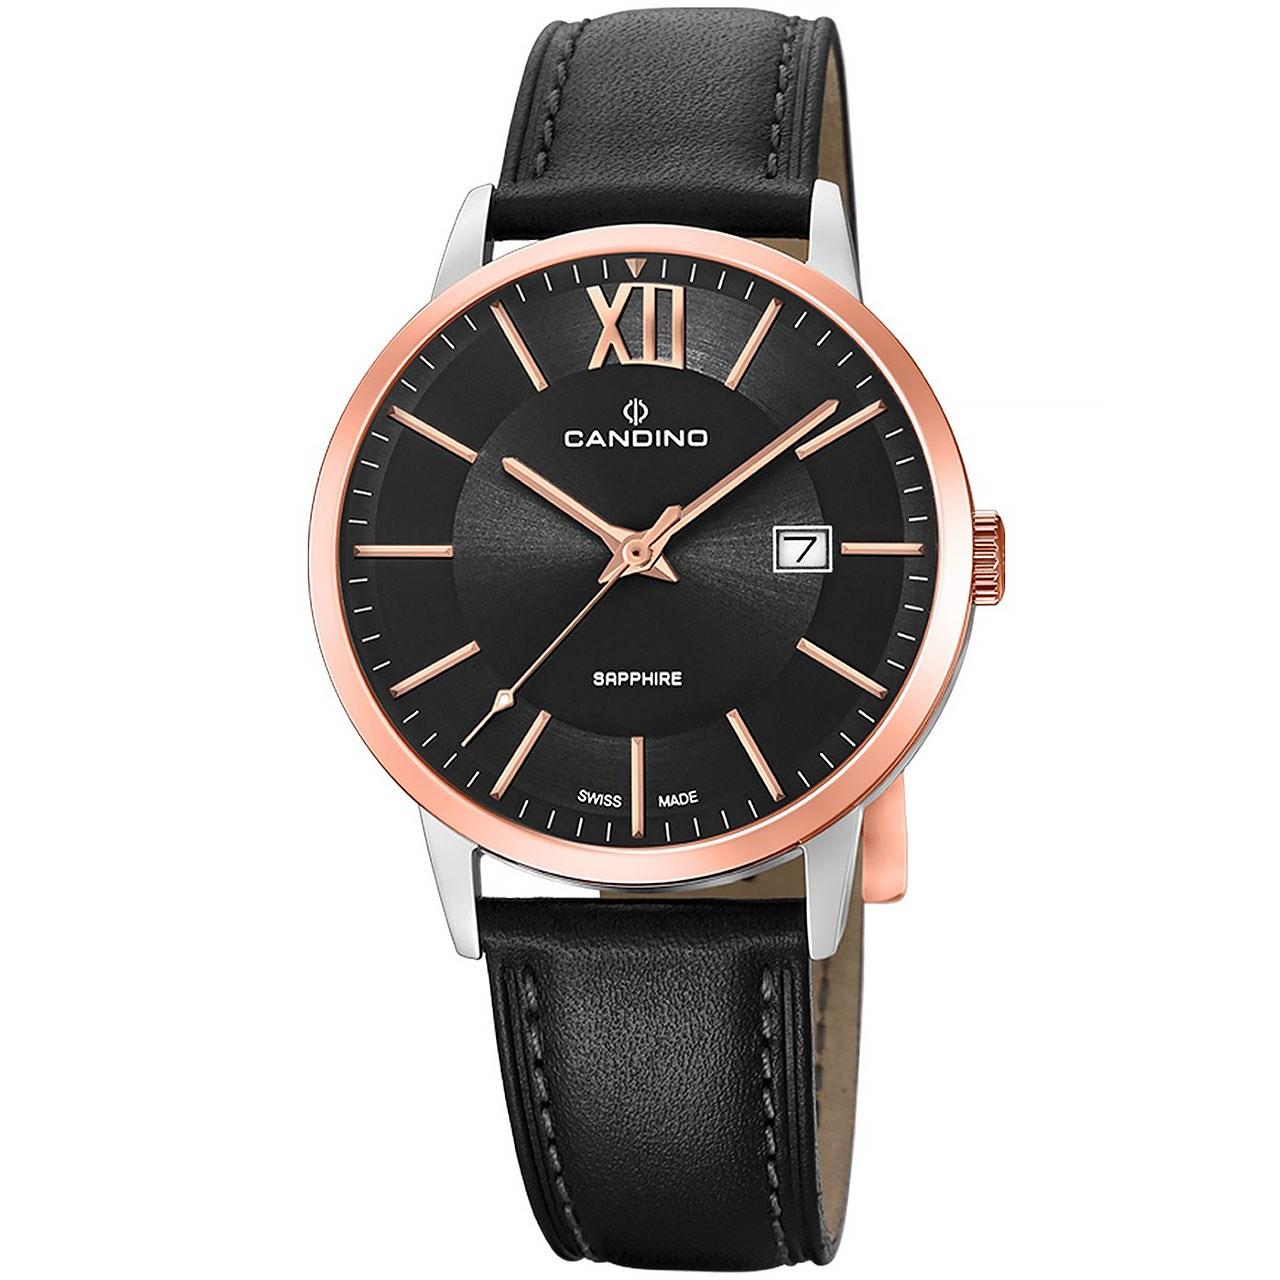 ساعت مچی عقربه ای مردانه کاندینو مدل C4620/1